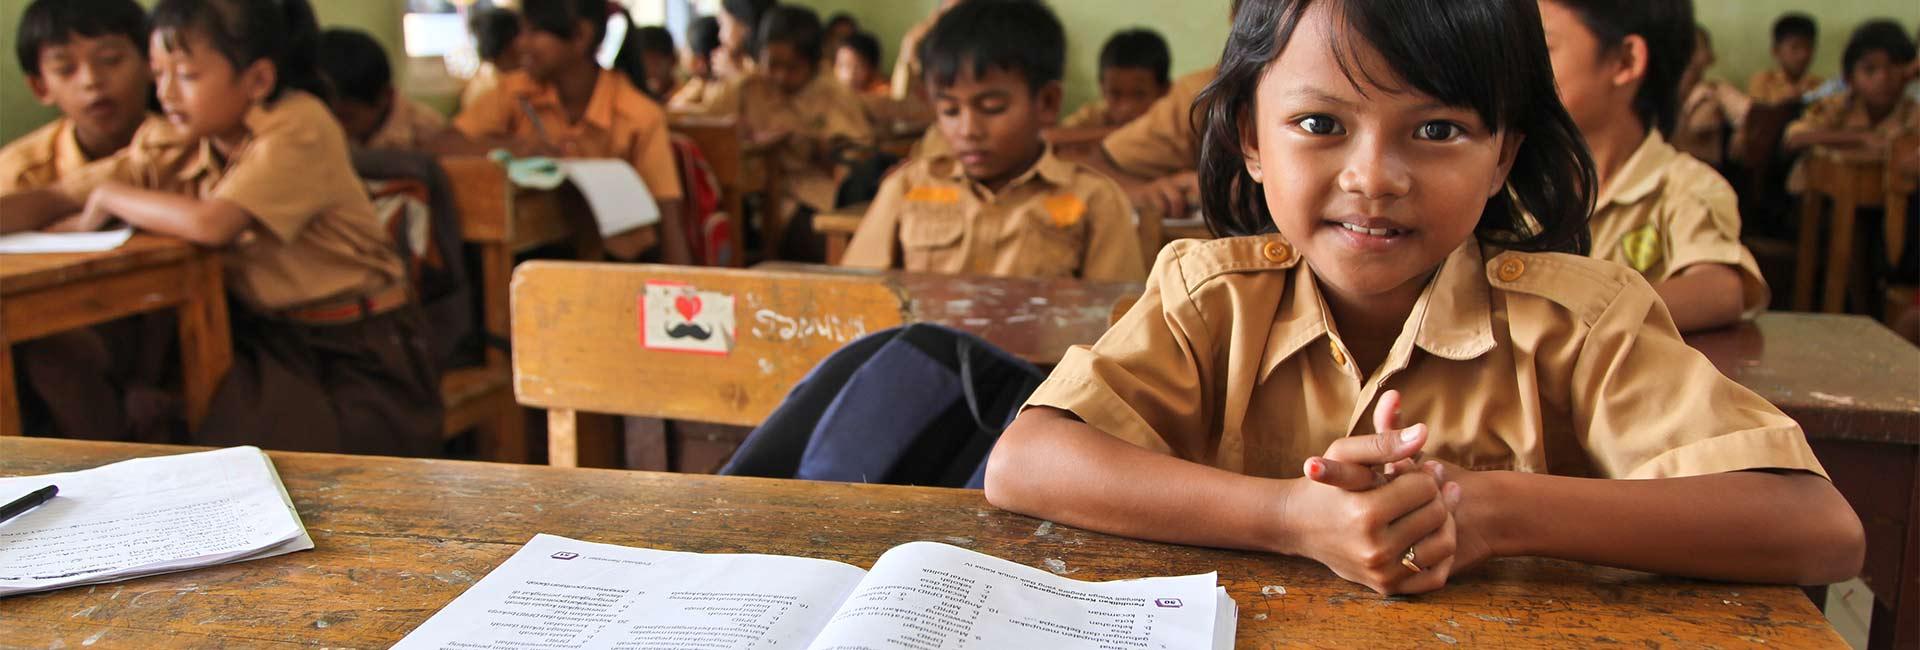 stichting-onderwijs-voor-kinderen-in-indonesie